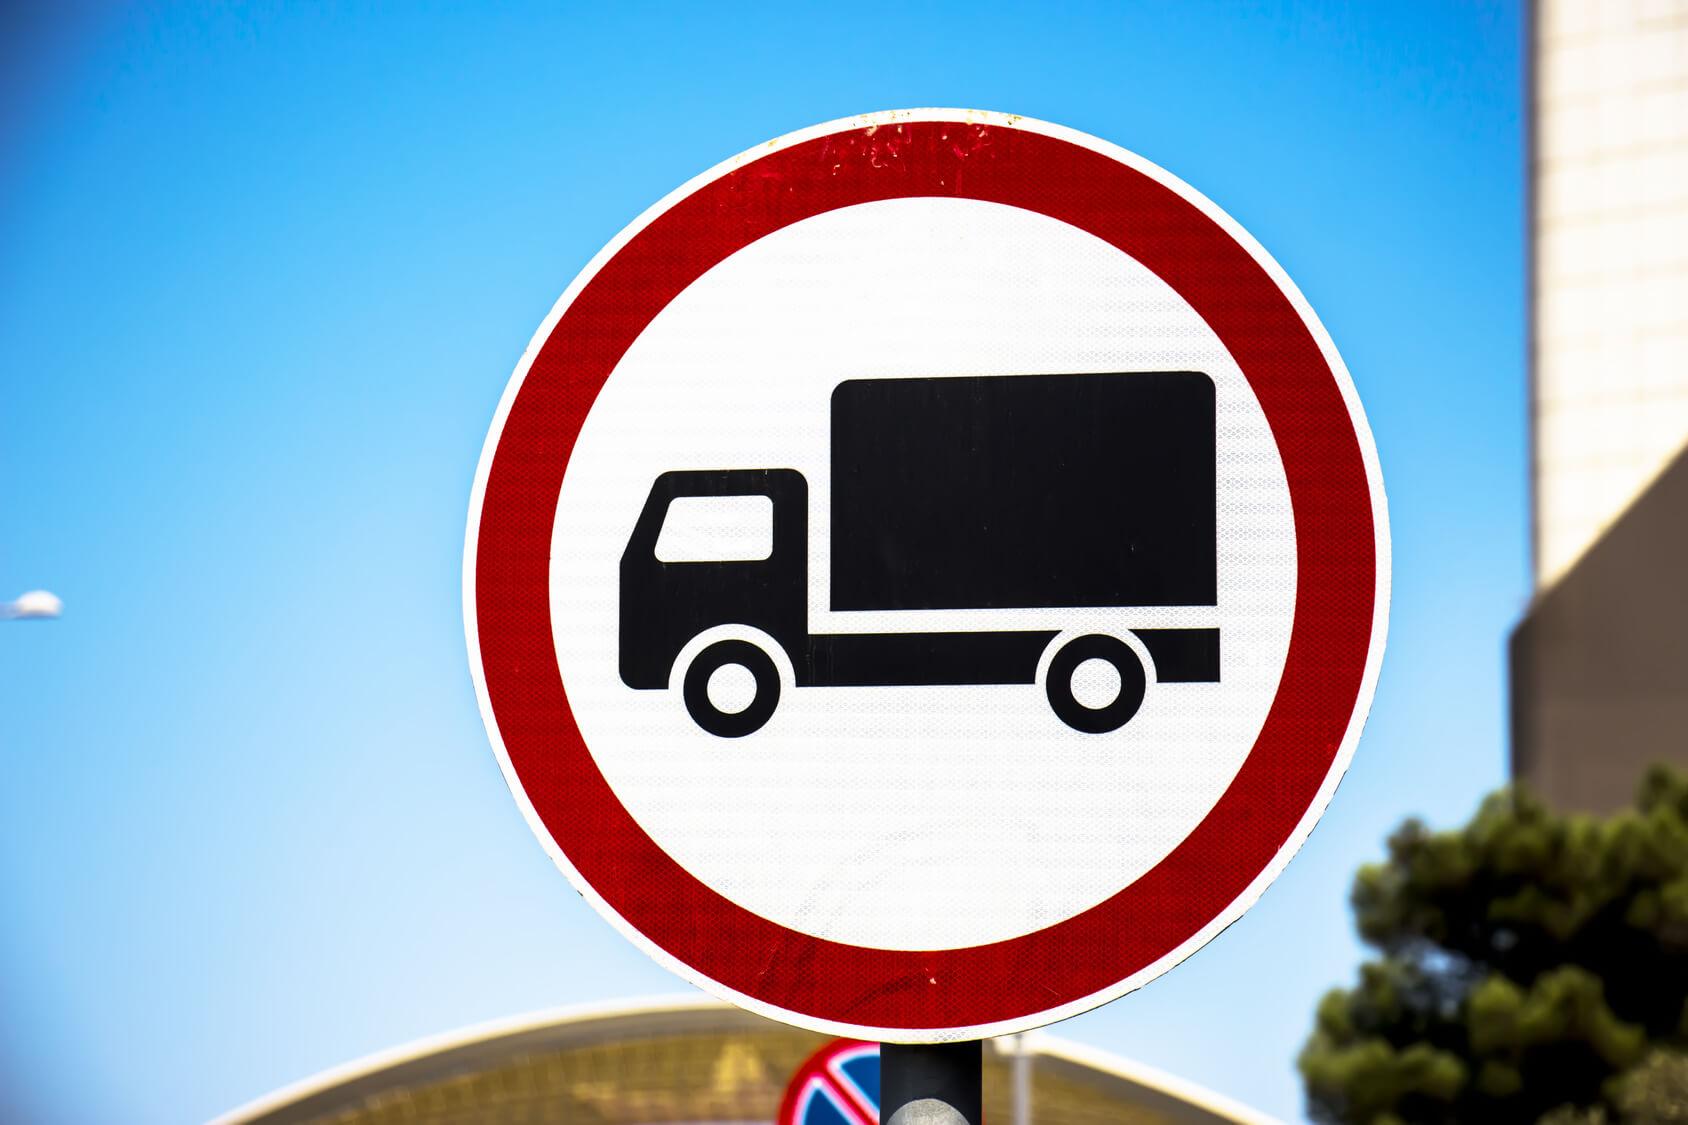 Eine Verbotsschild für die Durchfahrt von Lkw.